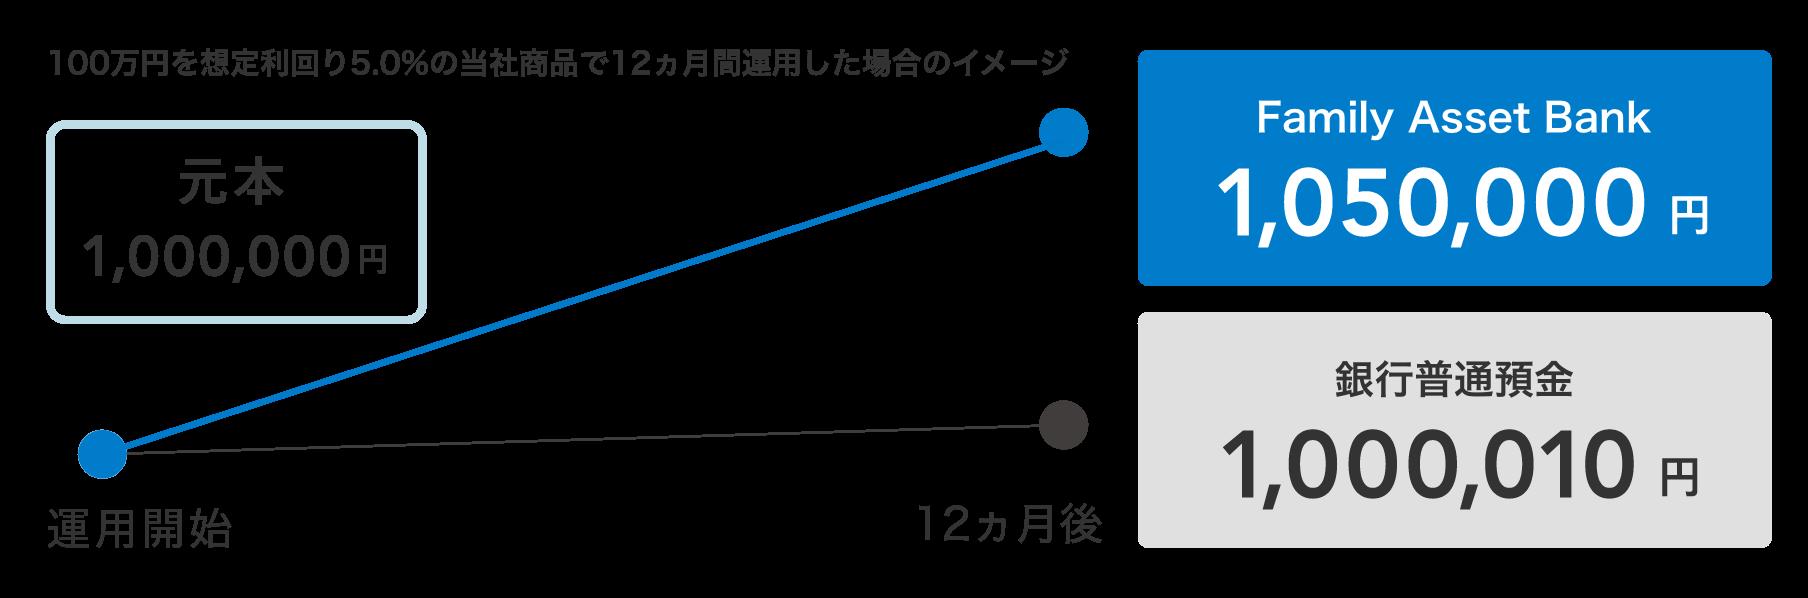 図:100万円を想定利回り5.0%の当社商品で12ヵ月間運用した場合のイメージ